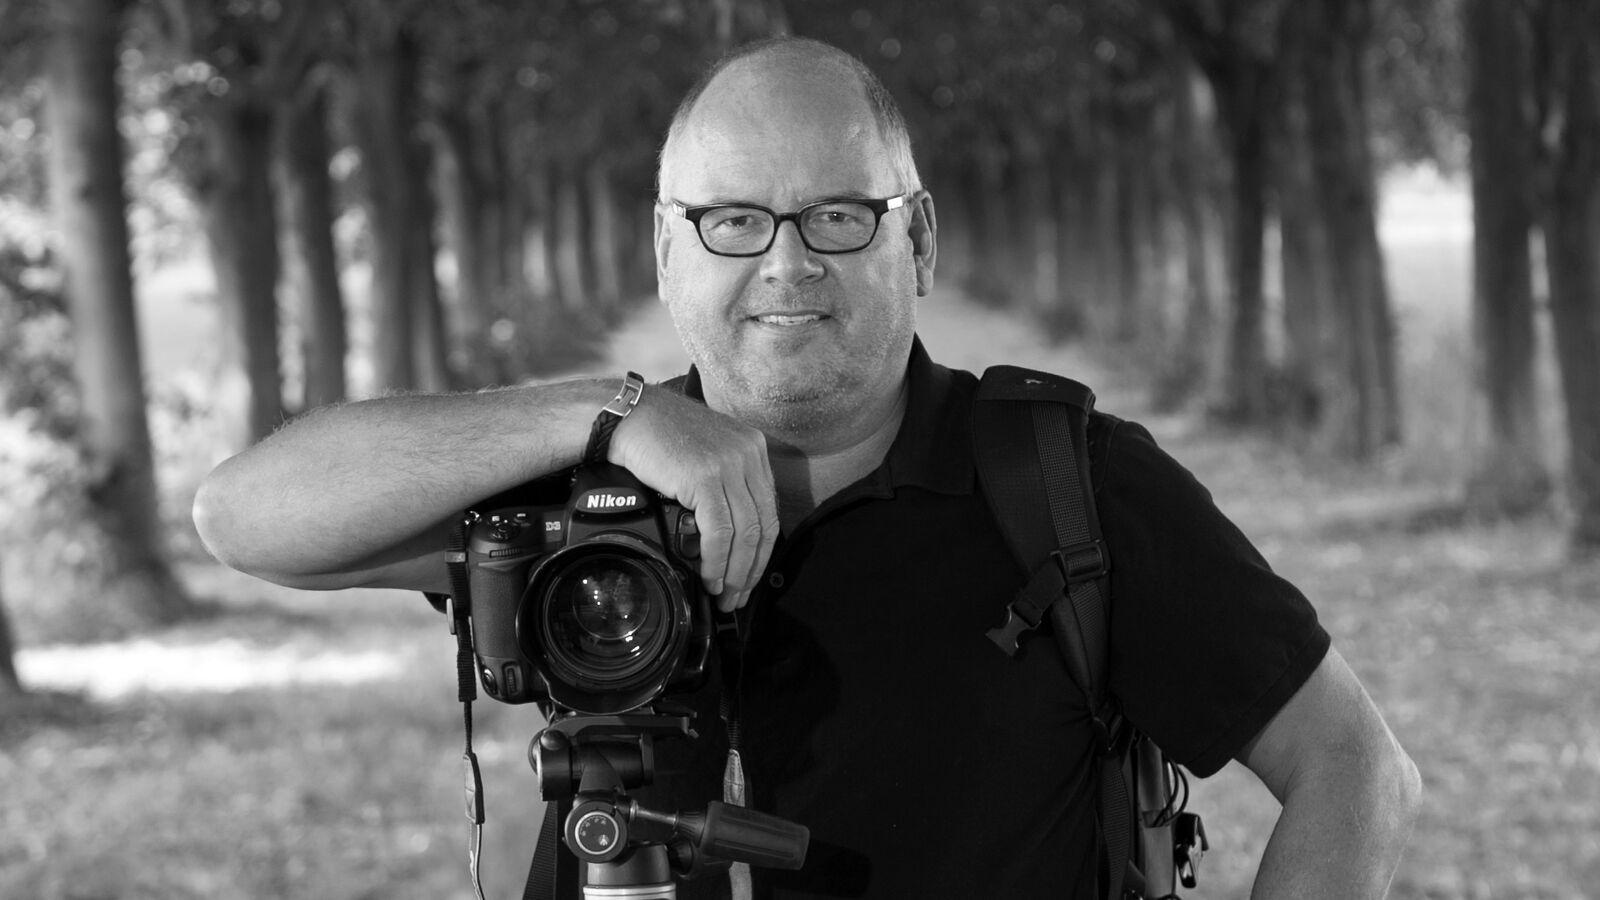 Haal meer uit je camera en maak betere foto's - Basiscursus 2019